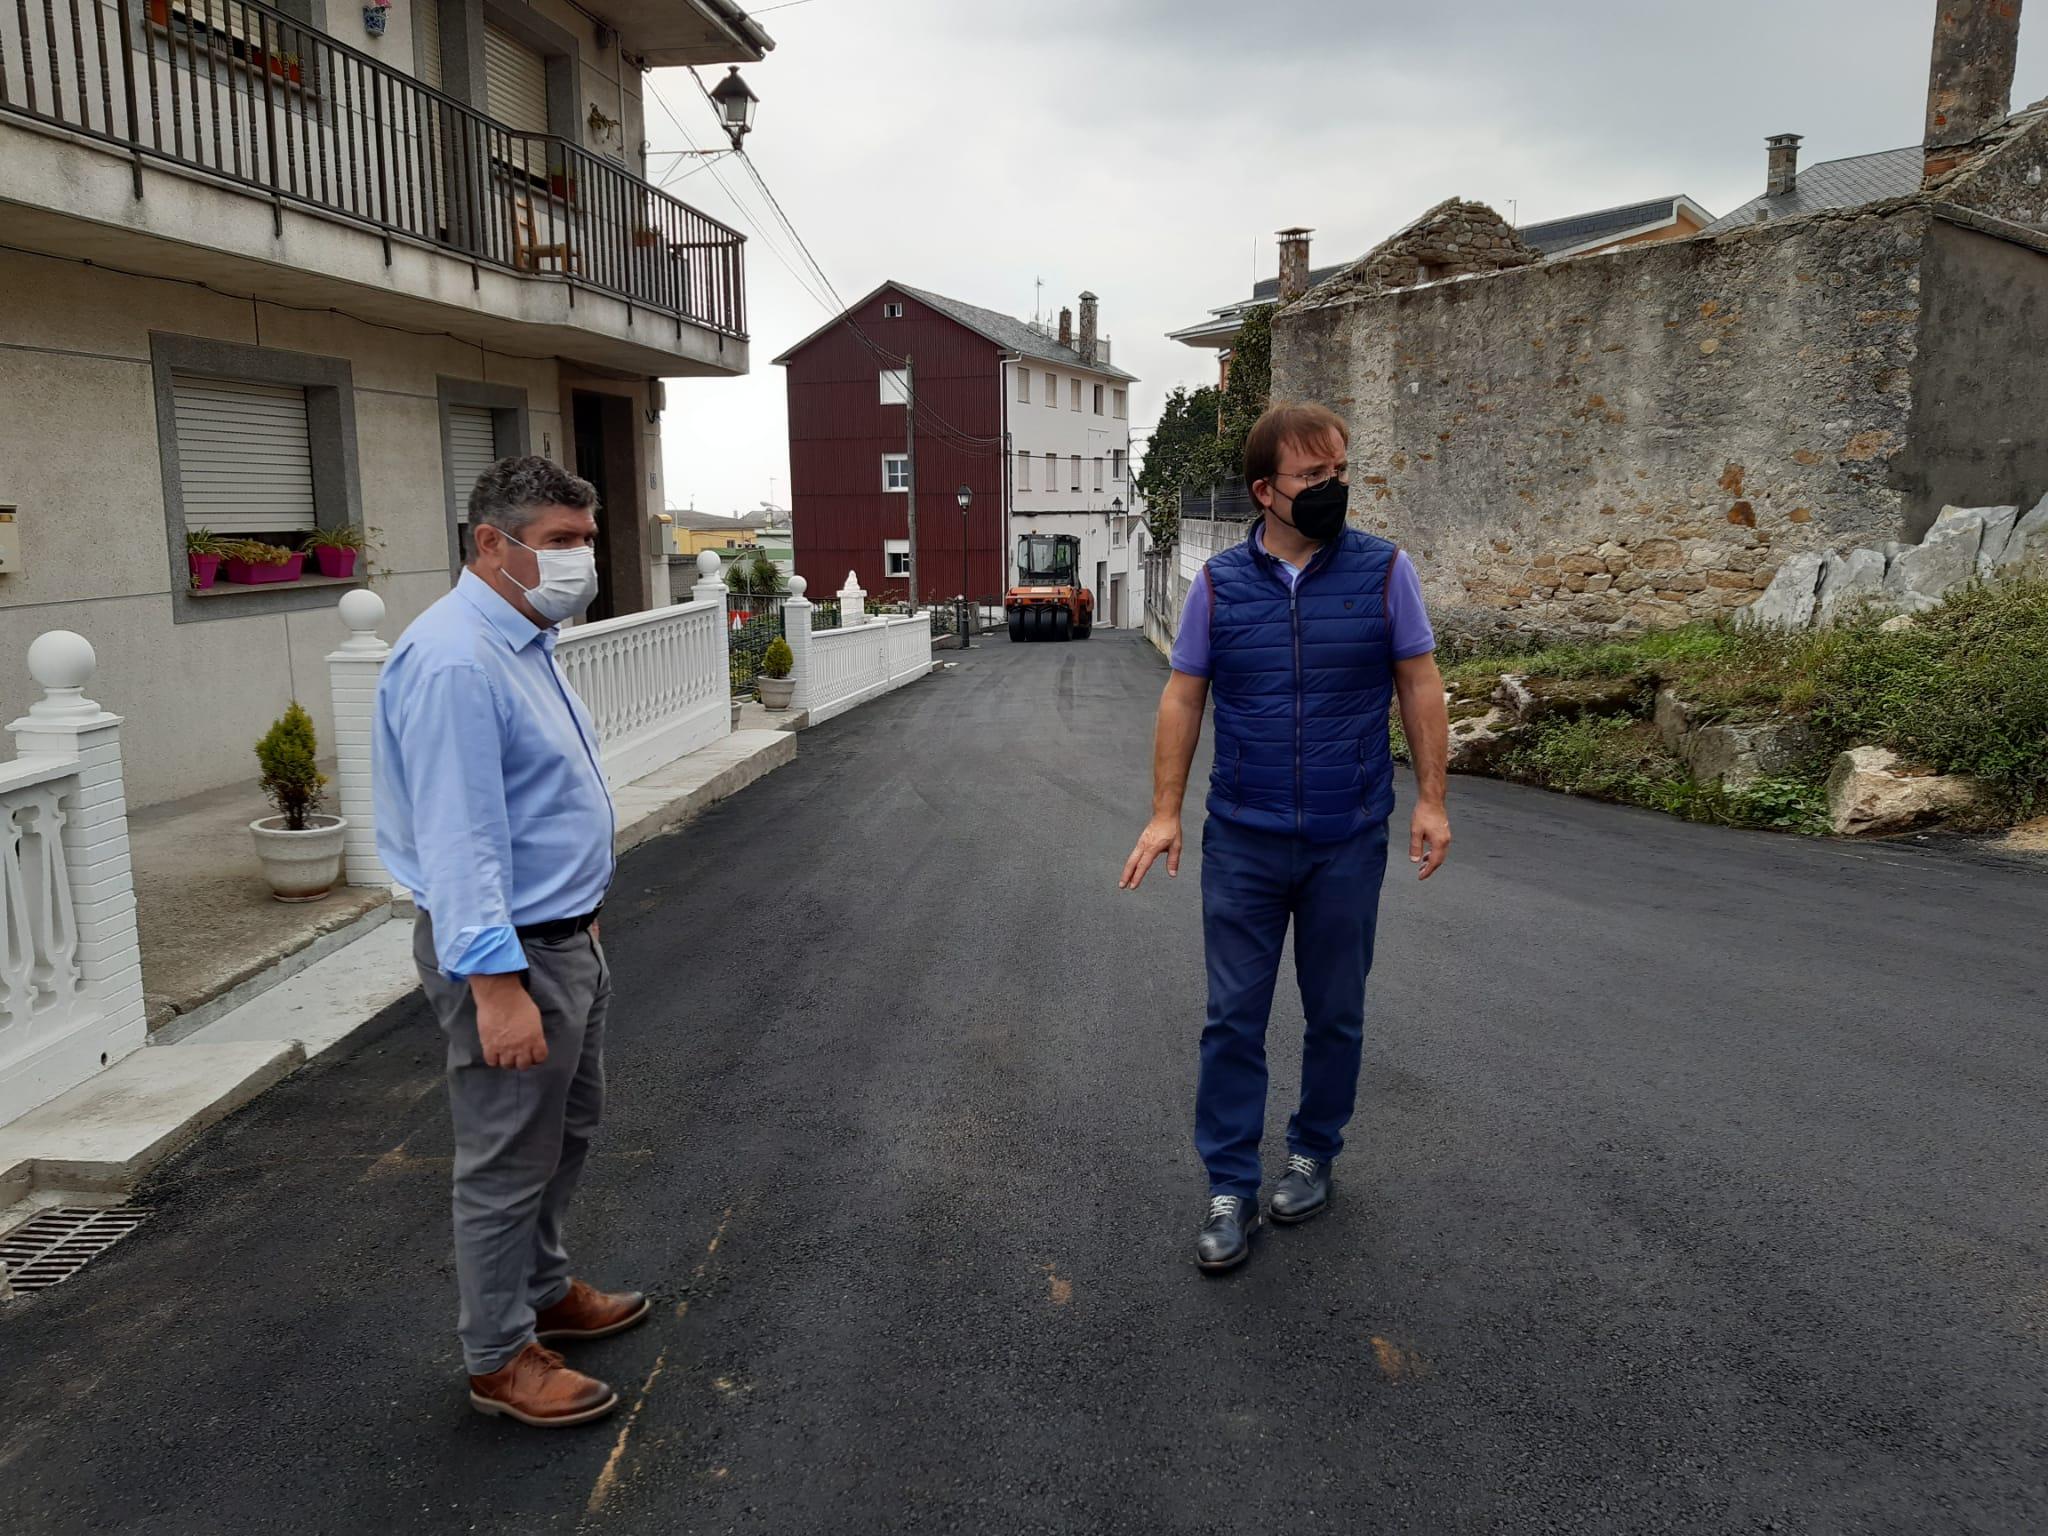 Rematan en Burela as obras na rúa Río Cobo